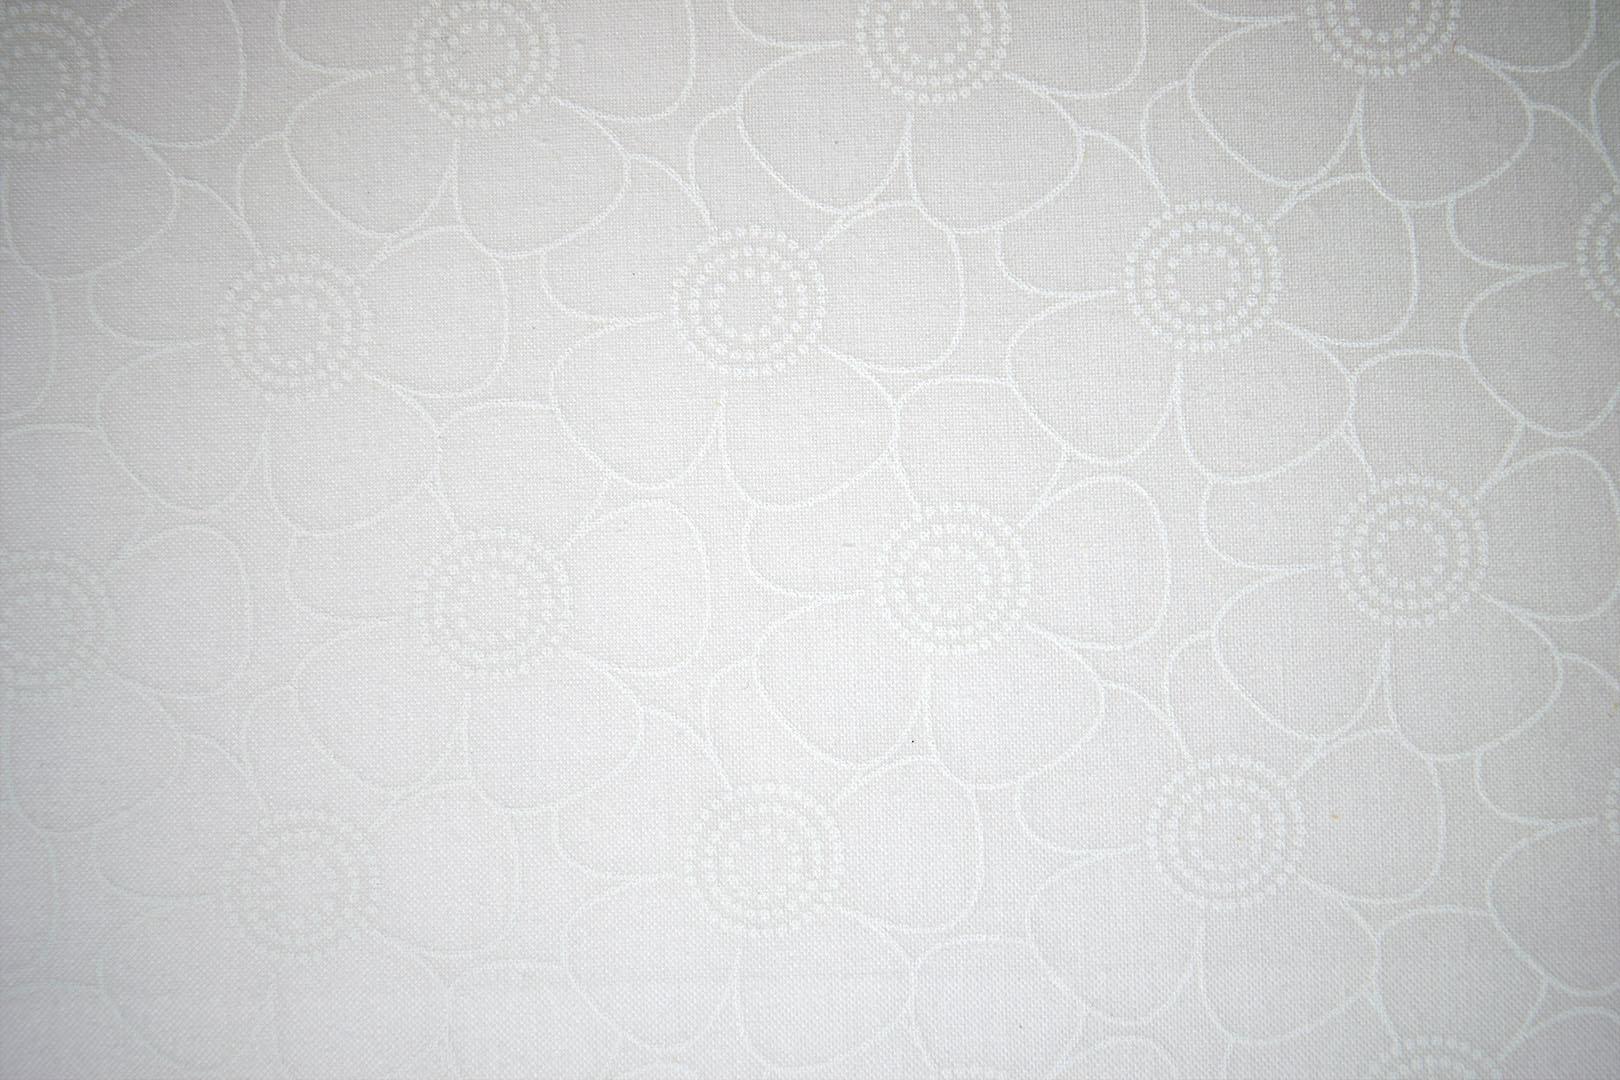 188_48502-3_whiteWhite